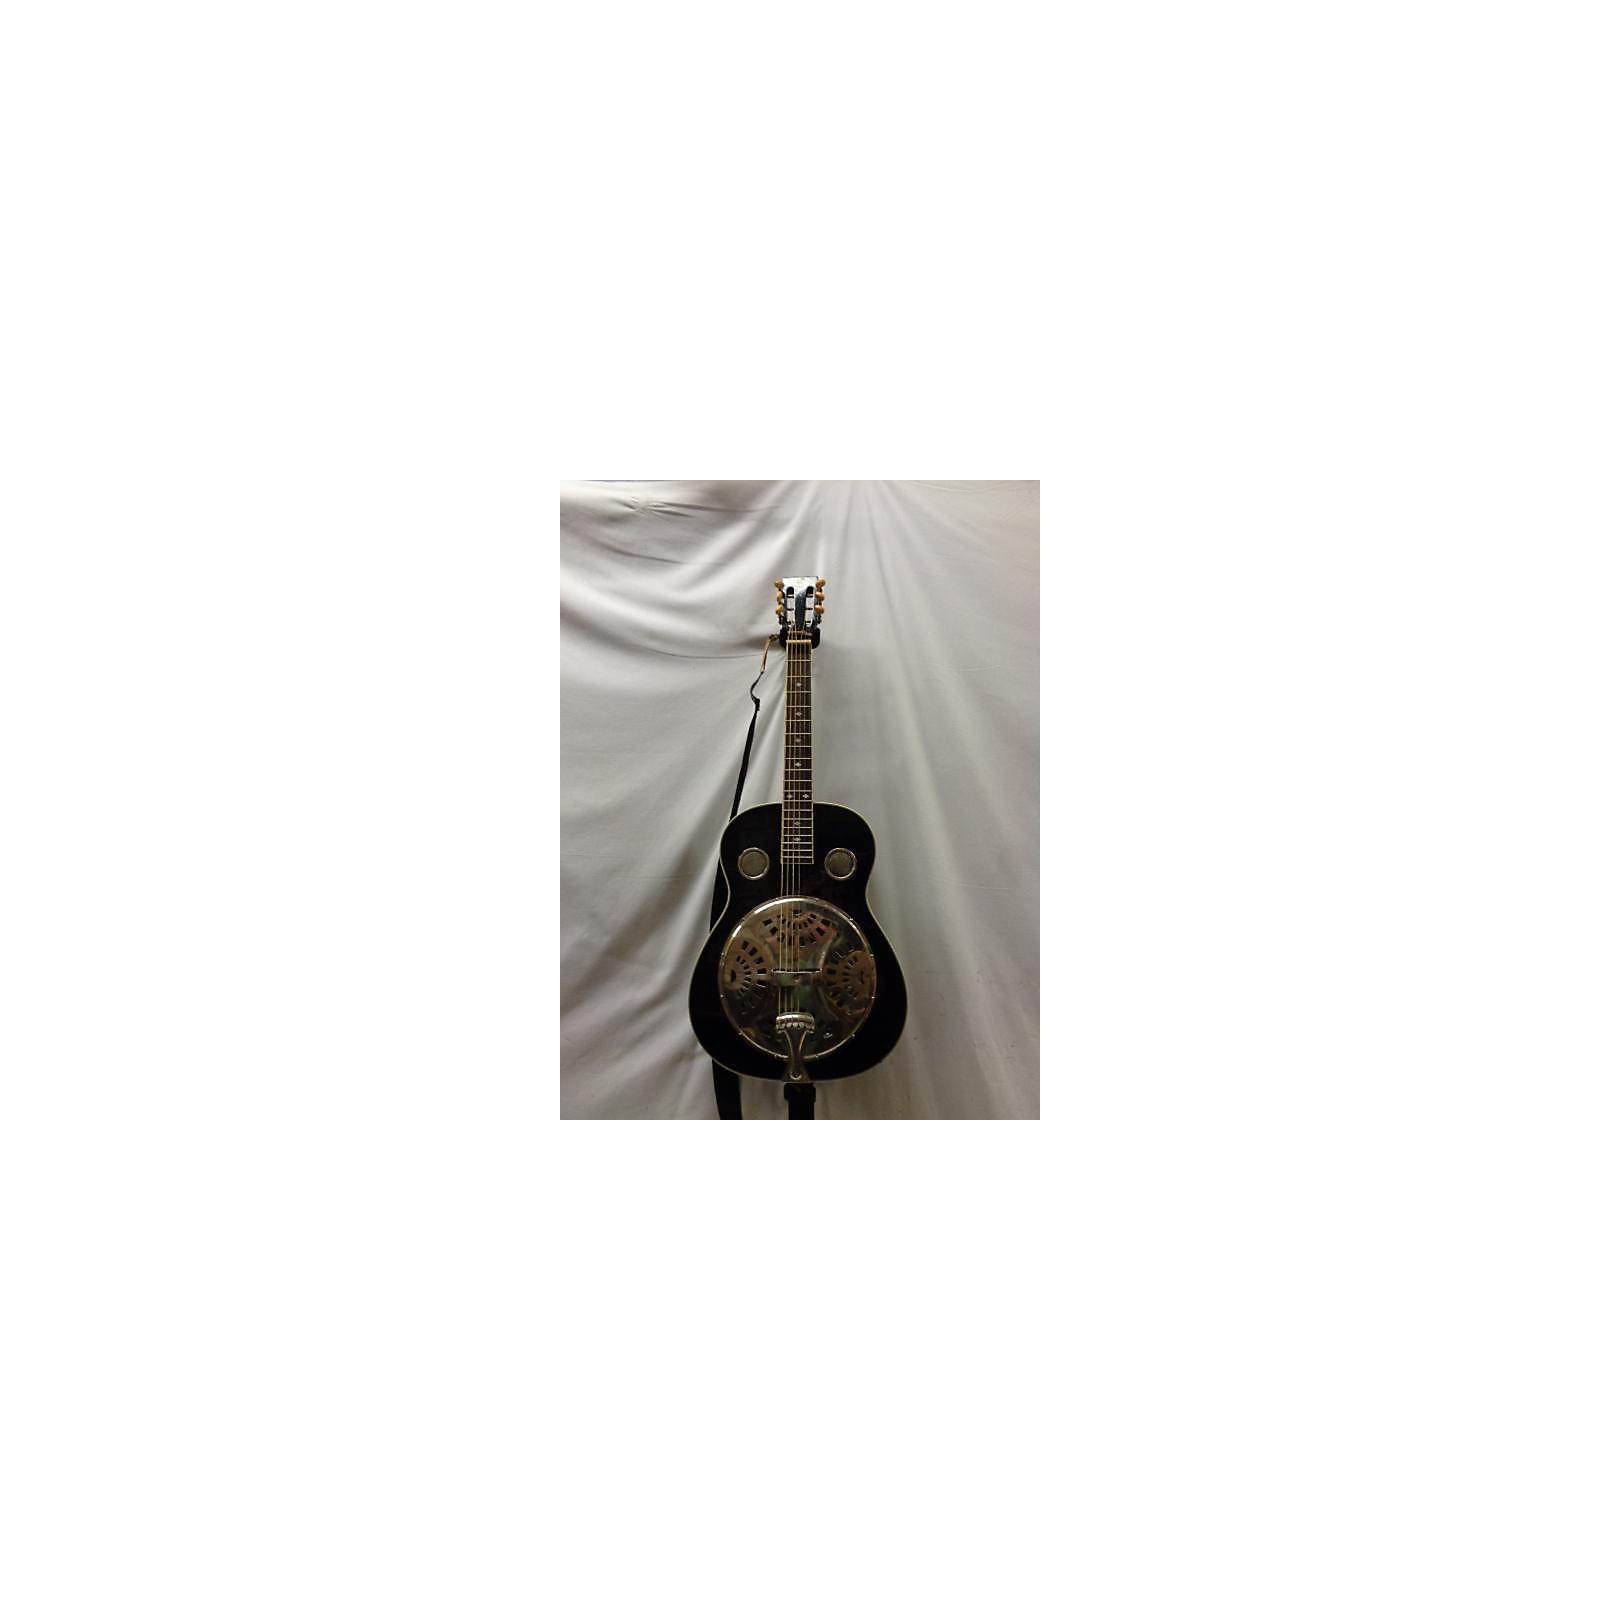 Regal SQUARE NECK RESONATER Resonator Guitar